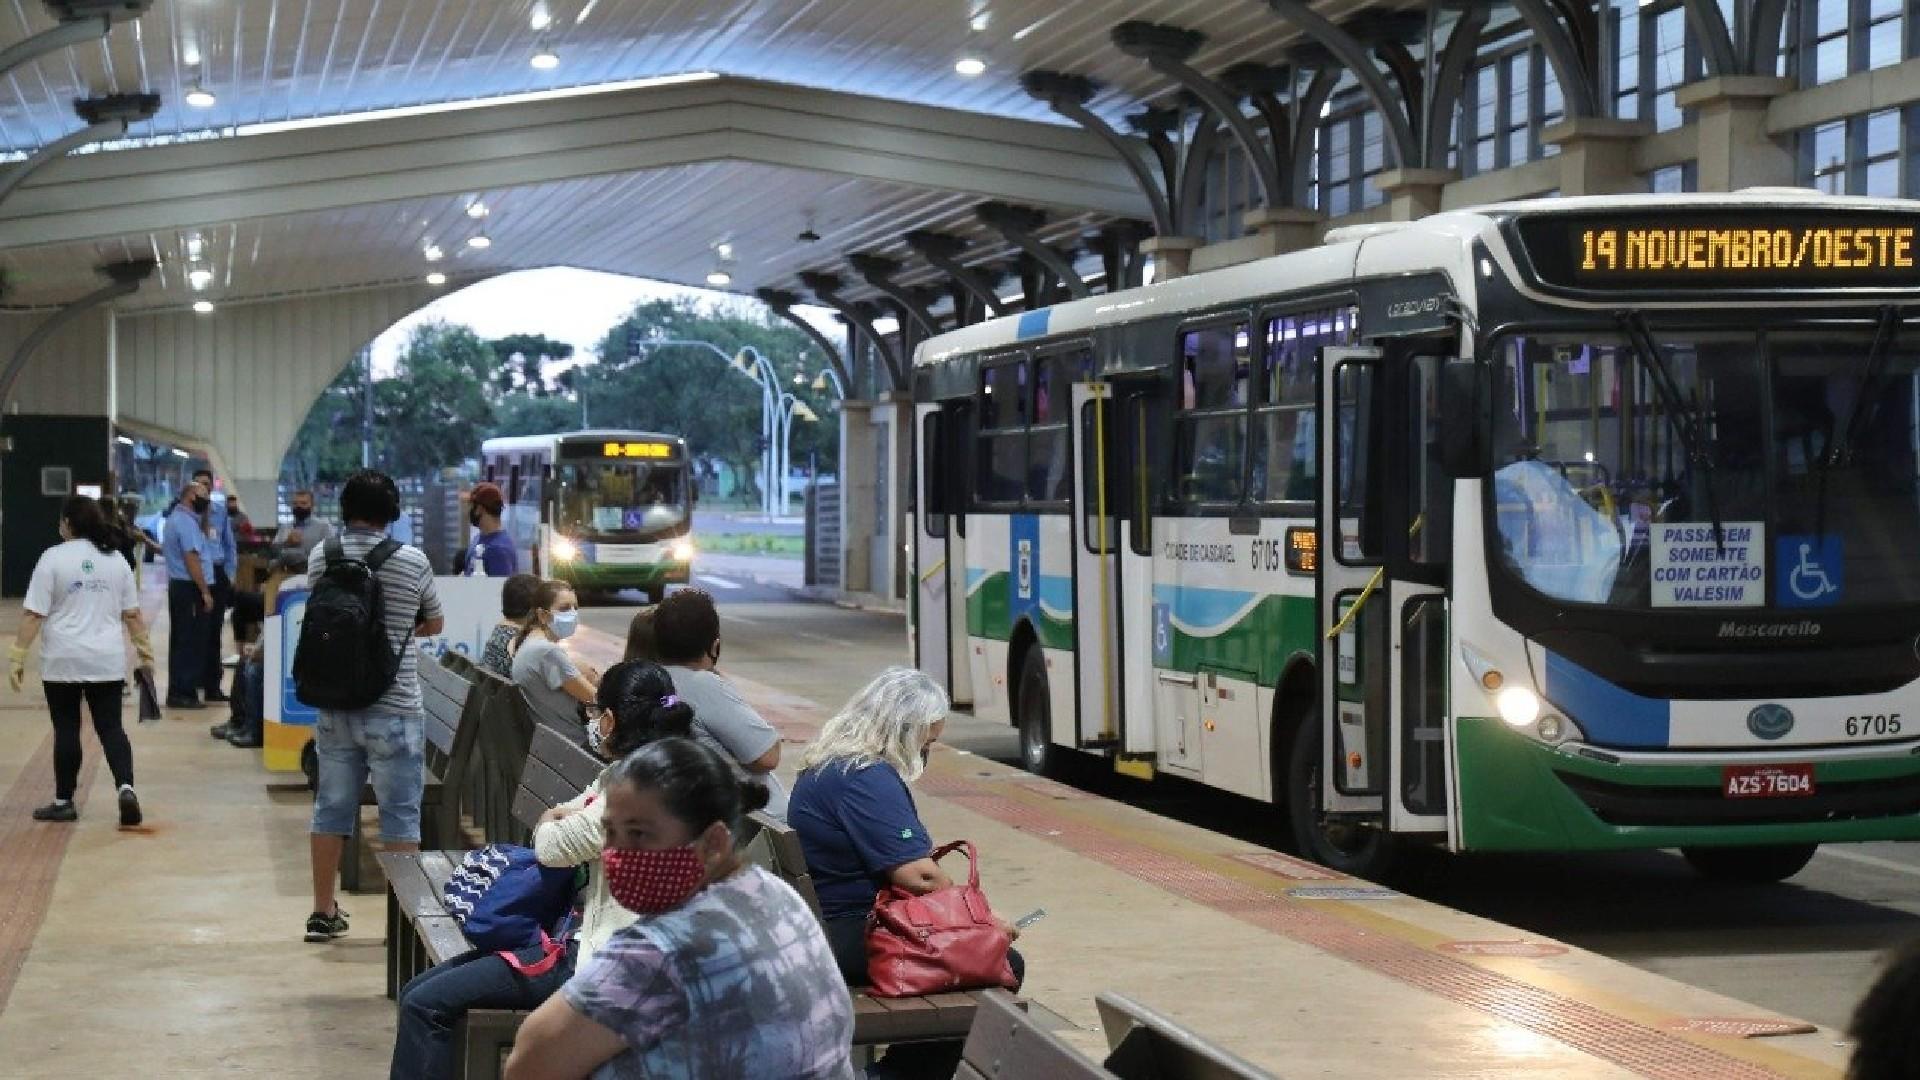 Covid-19: Transporte de idosos acima de 65 anos é liberado com restrições, em Cascavel